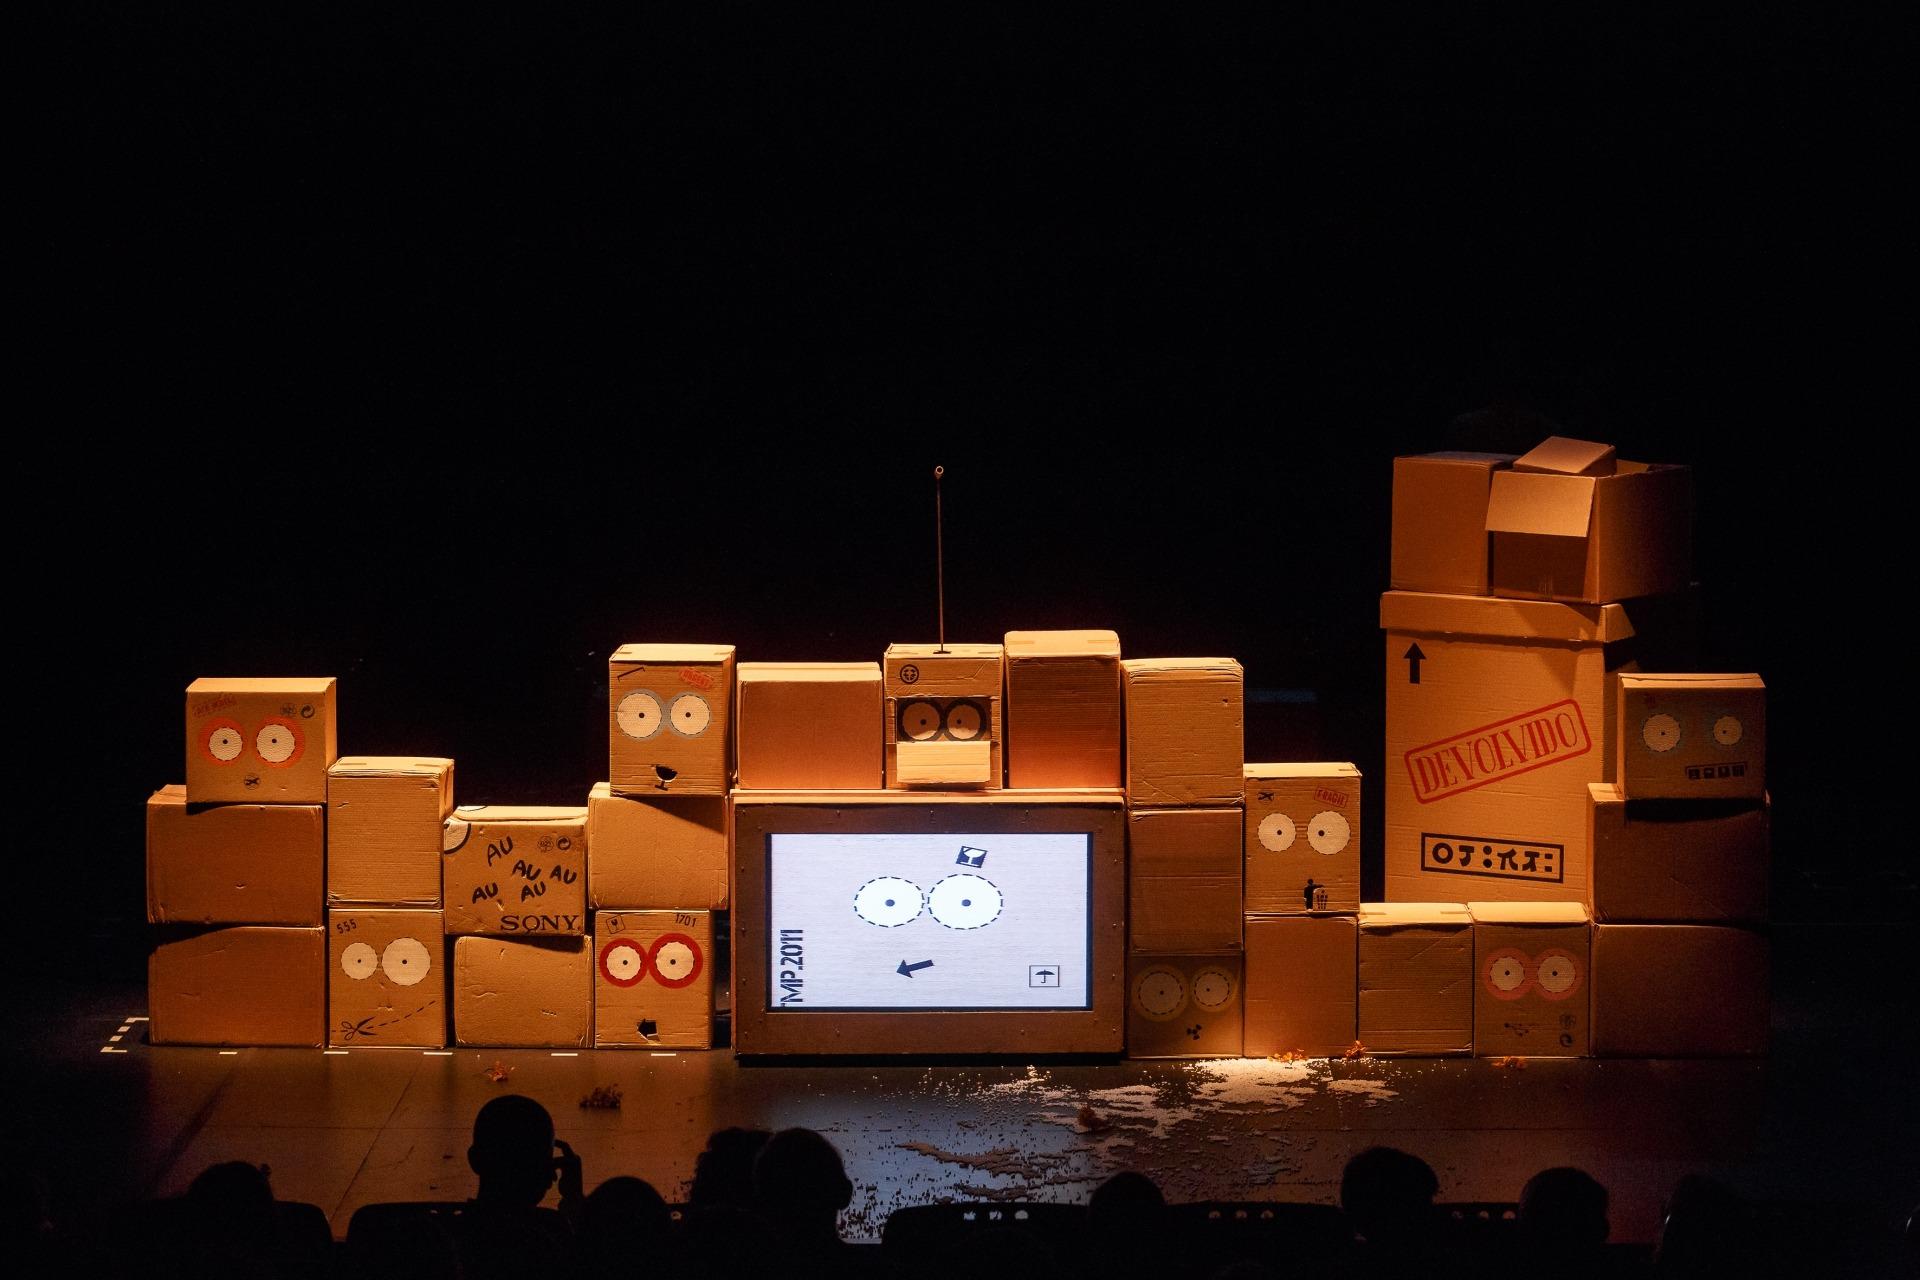 Caixas empilhadas em torno de um televisor com caras desenhadas.